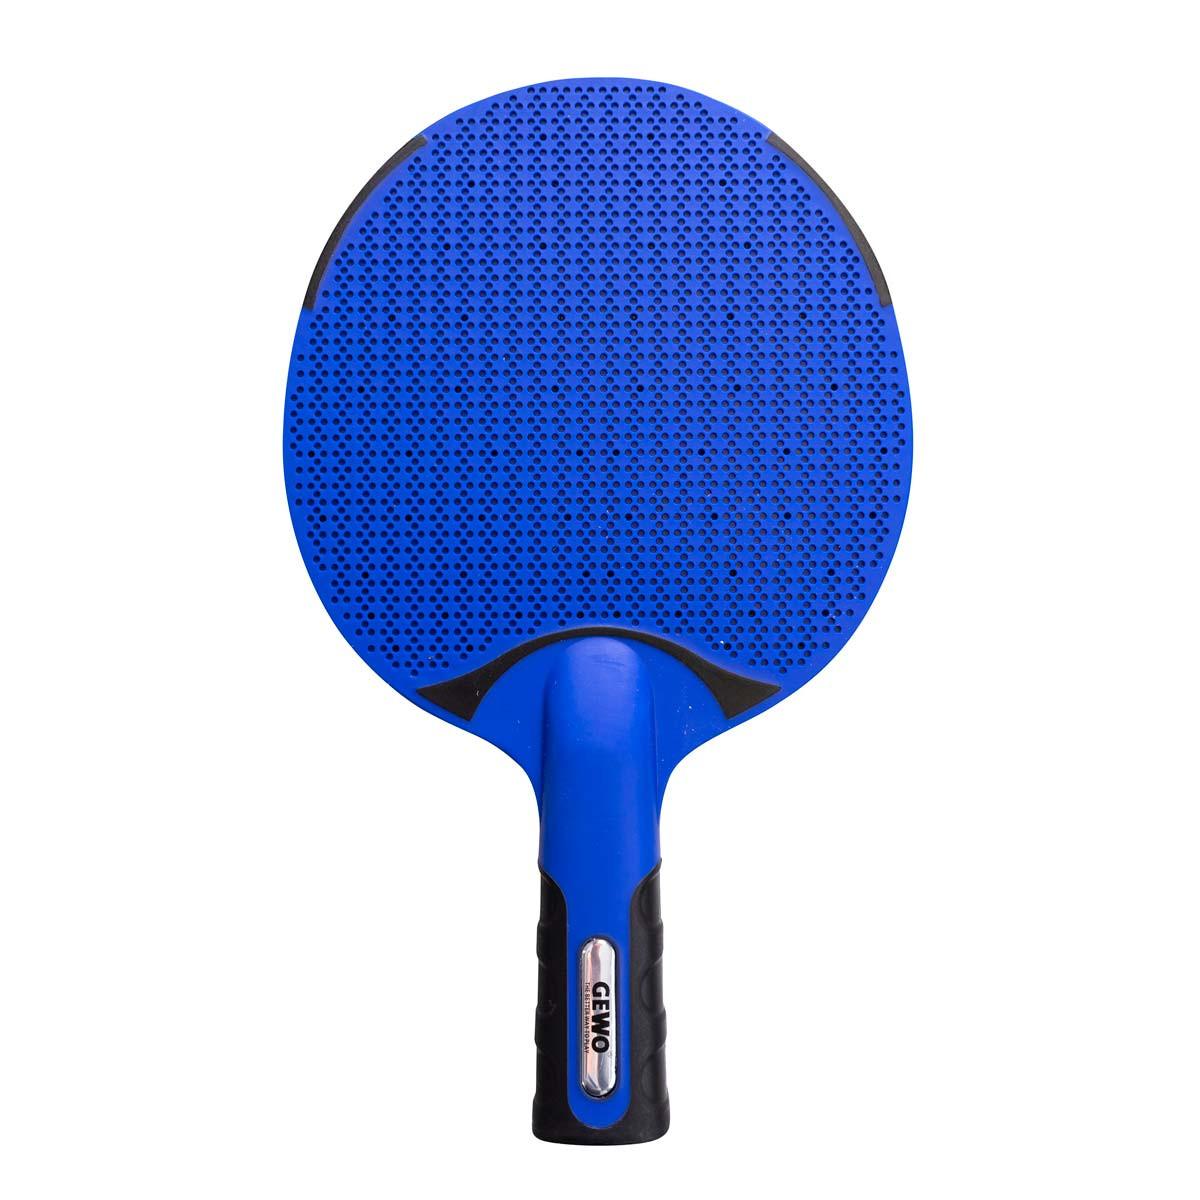 Gewo outdoor racket